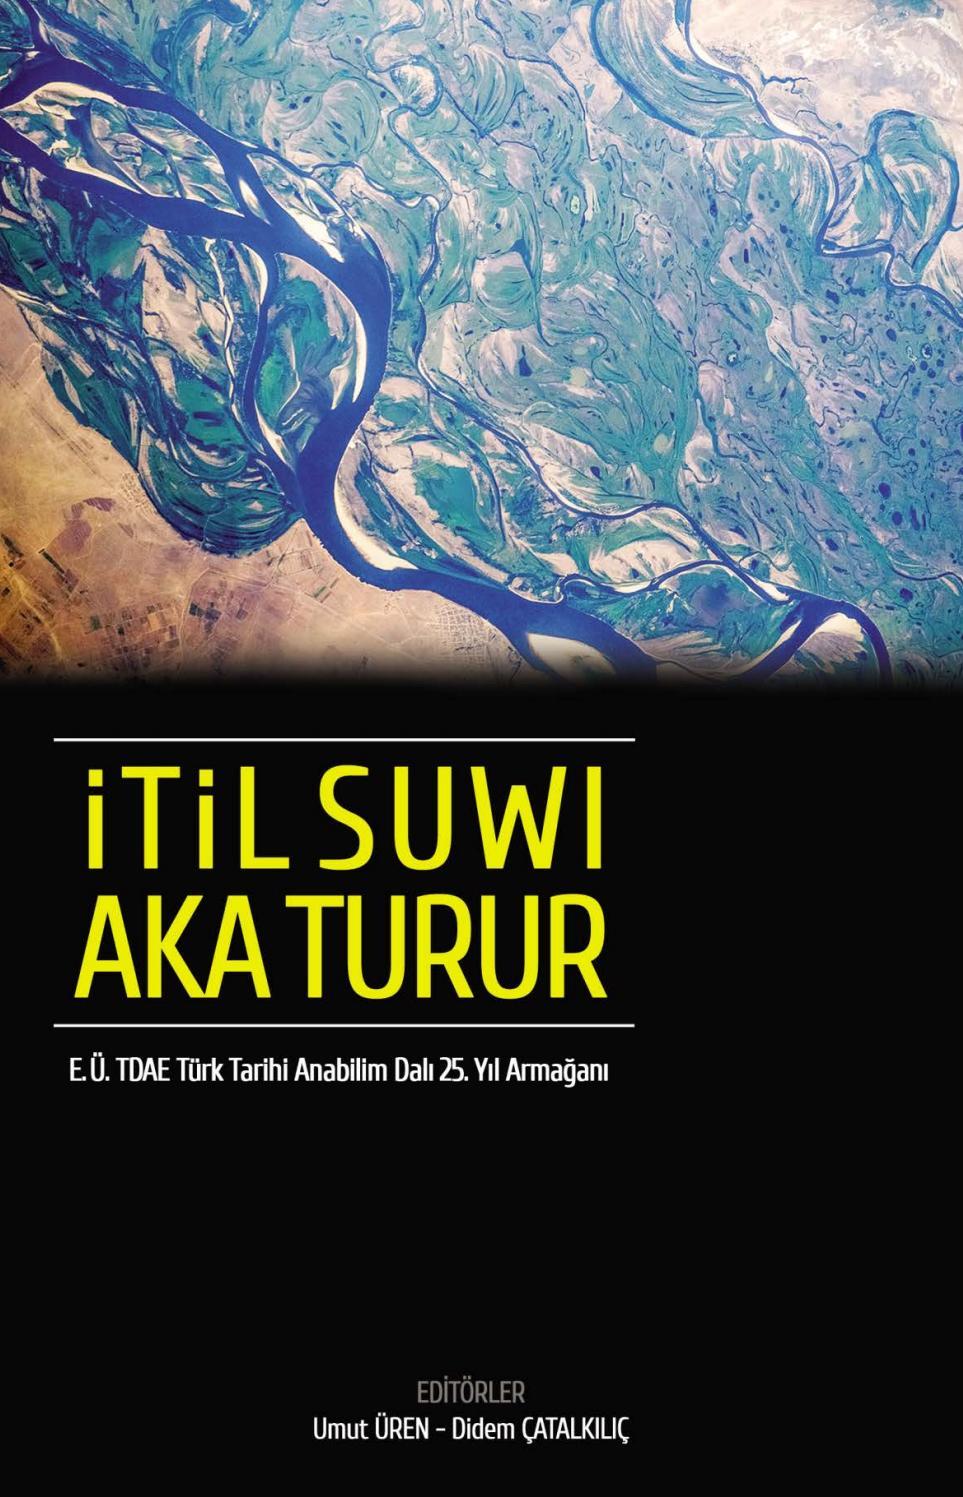 Amur Nehrinin kaynağından ağıza düşmesi